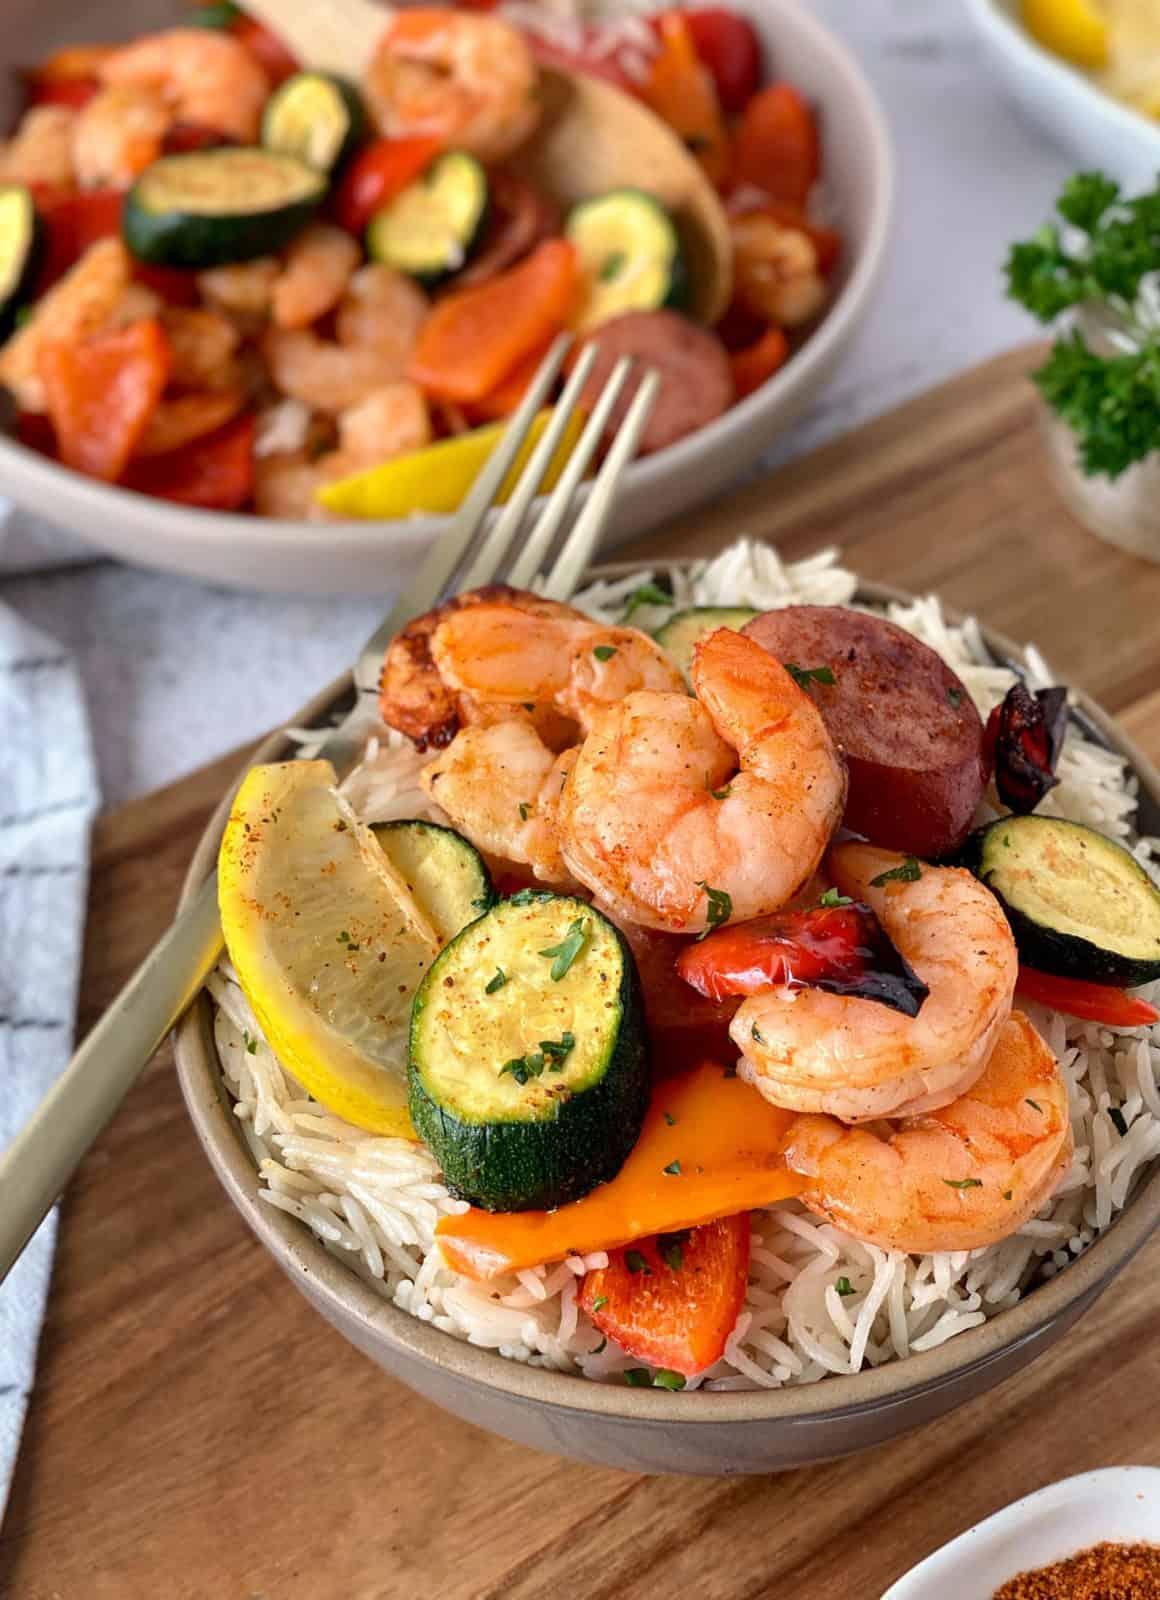 bowls cajun shrimp and veggies with sausage